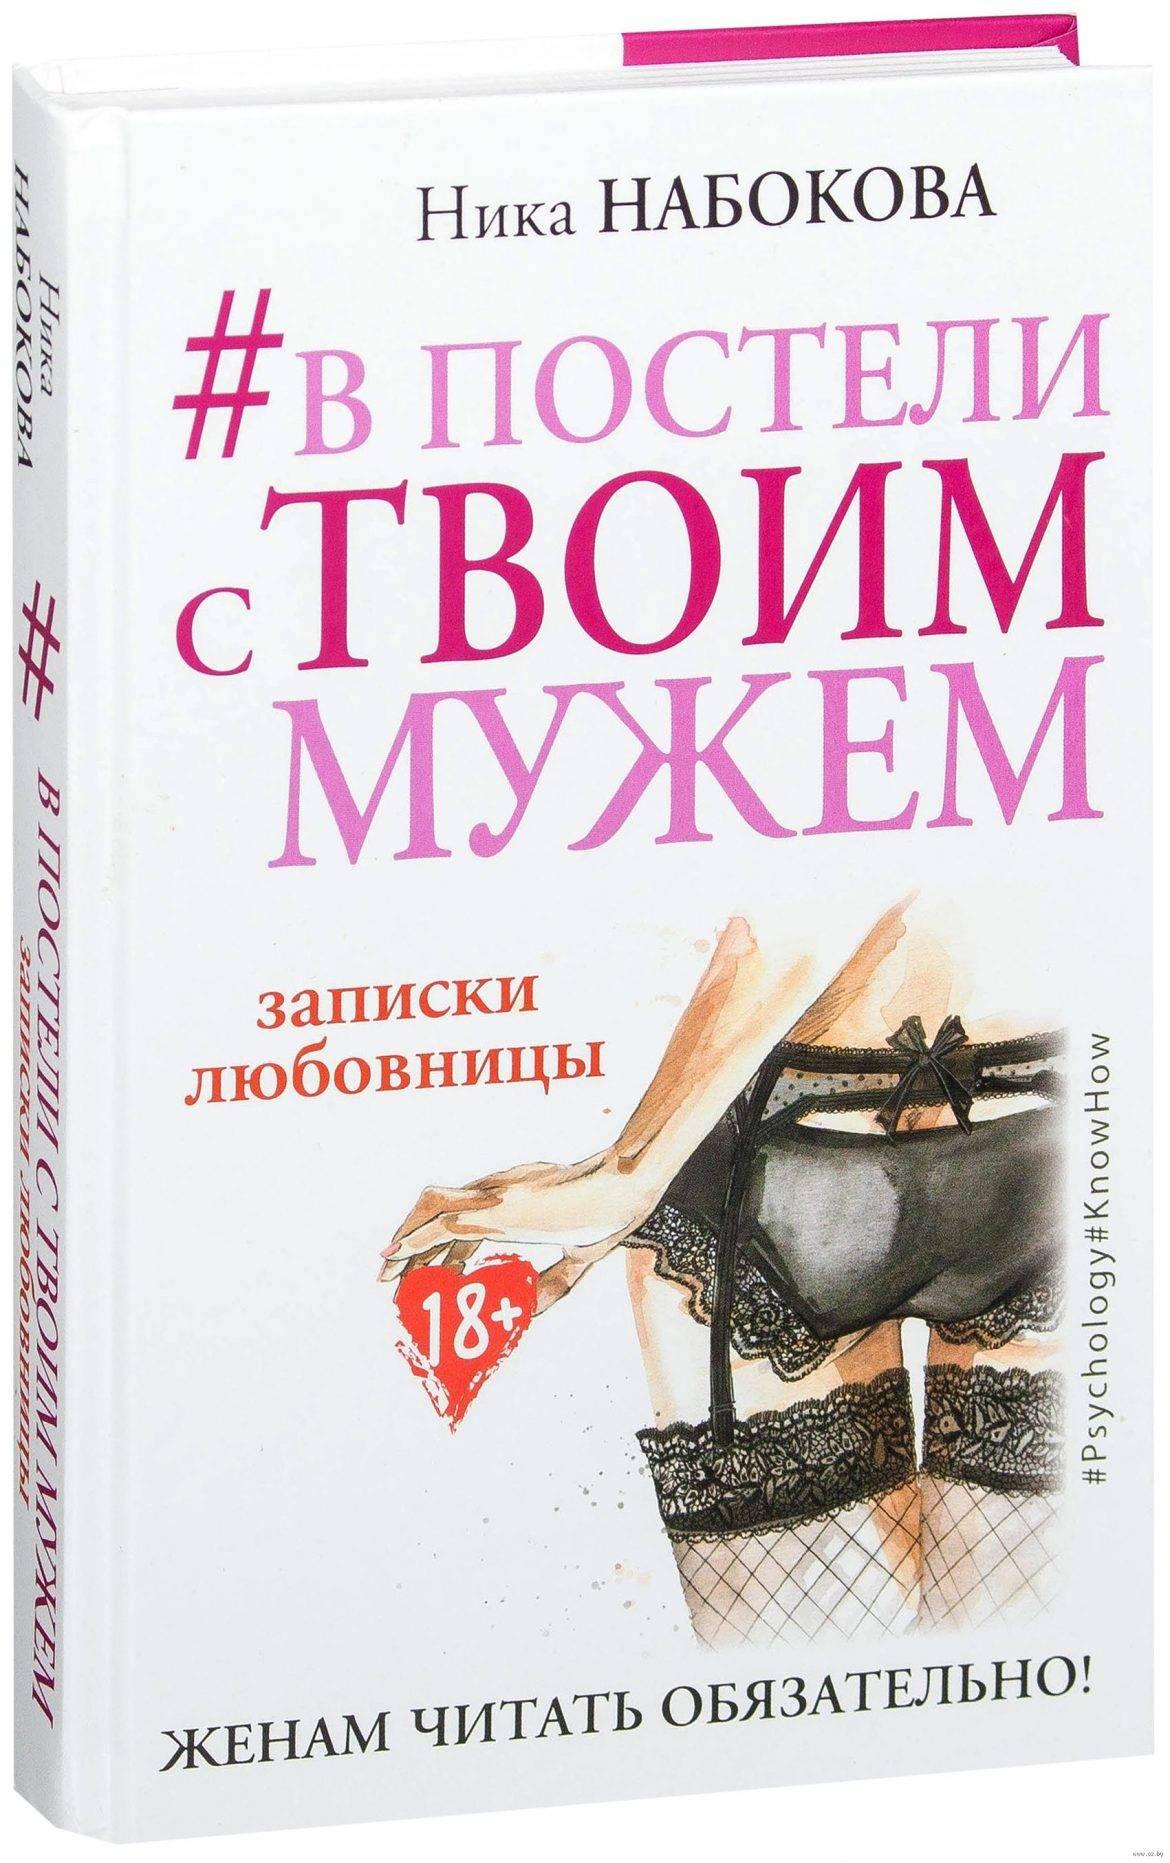 Мужская психология в любви и отношениях - 7 пикантных секретов